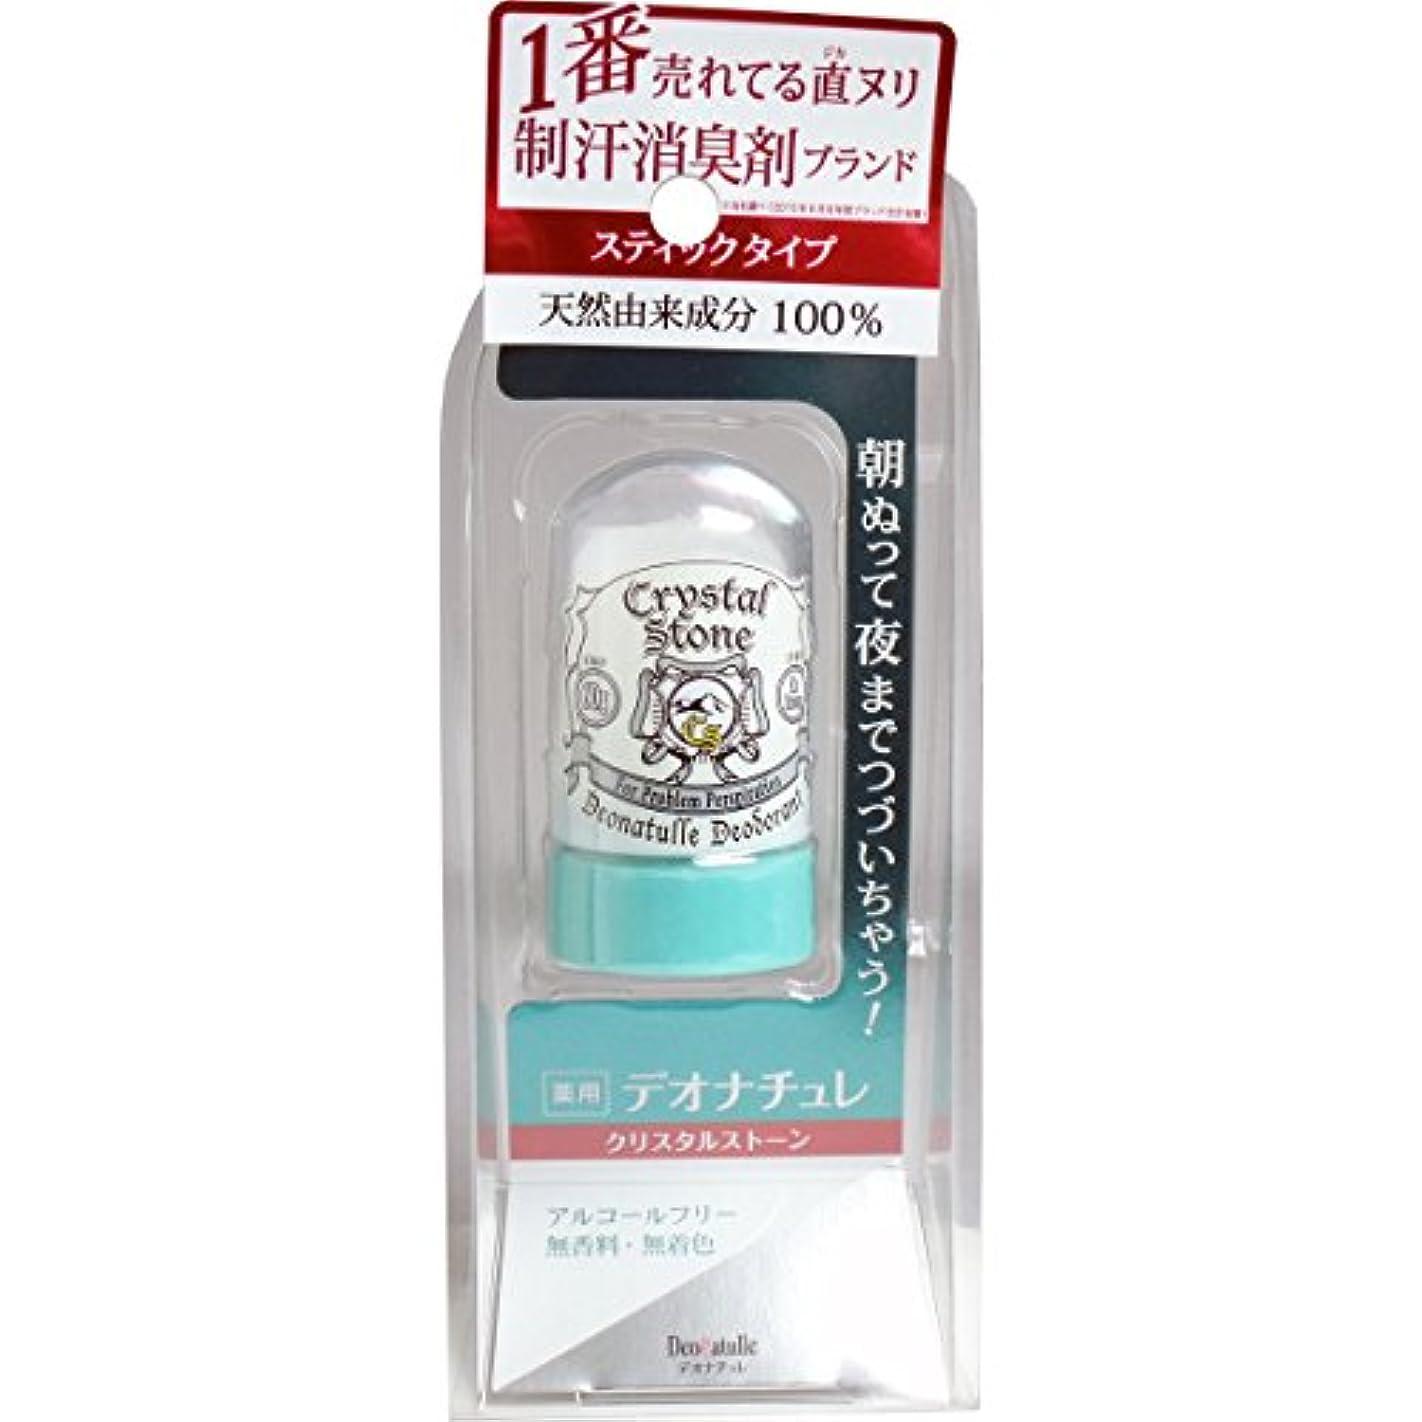 小説着陸自然デオナチュレ クリスタルストーン 60g(医薬部外品)(お買い得3個セット)